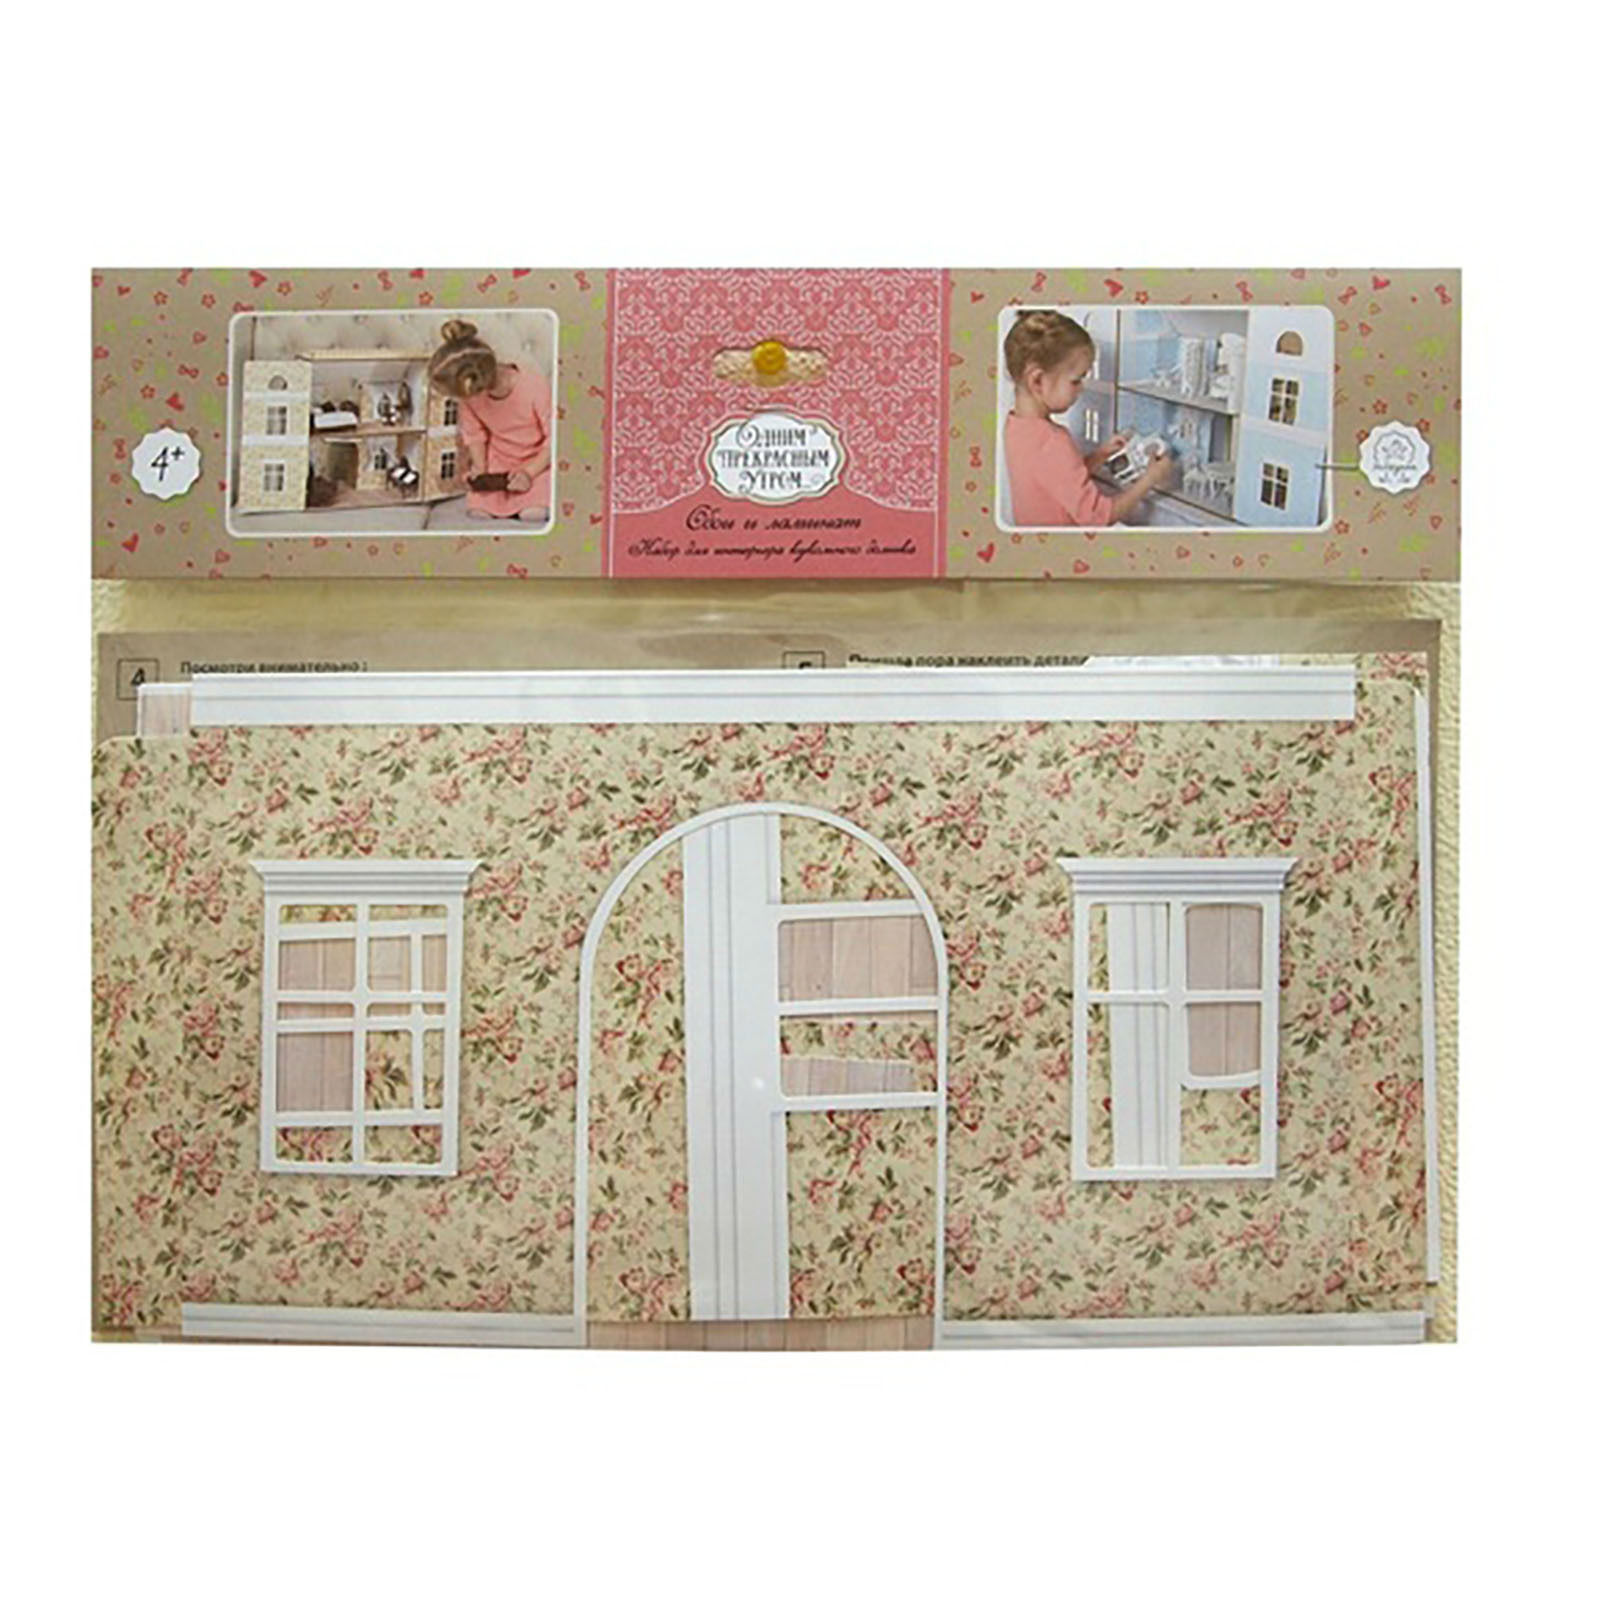 Купить Набор для интерьера кукольного домика - Одним прекрасным утром™ - Обои и ламинат, в цветочек, ЯиГрушка